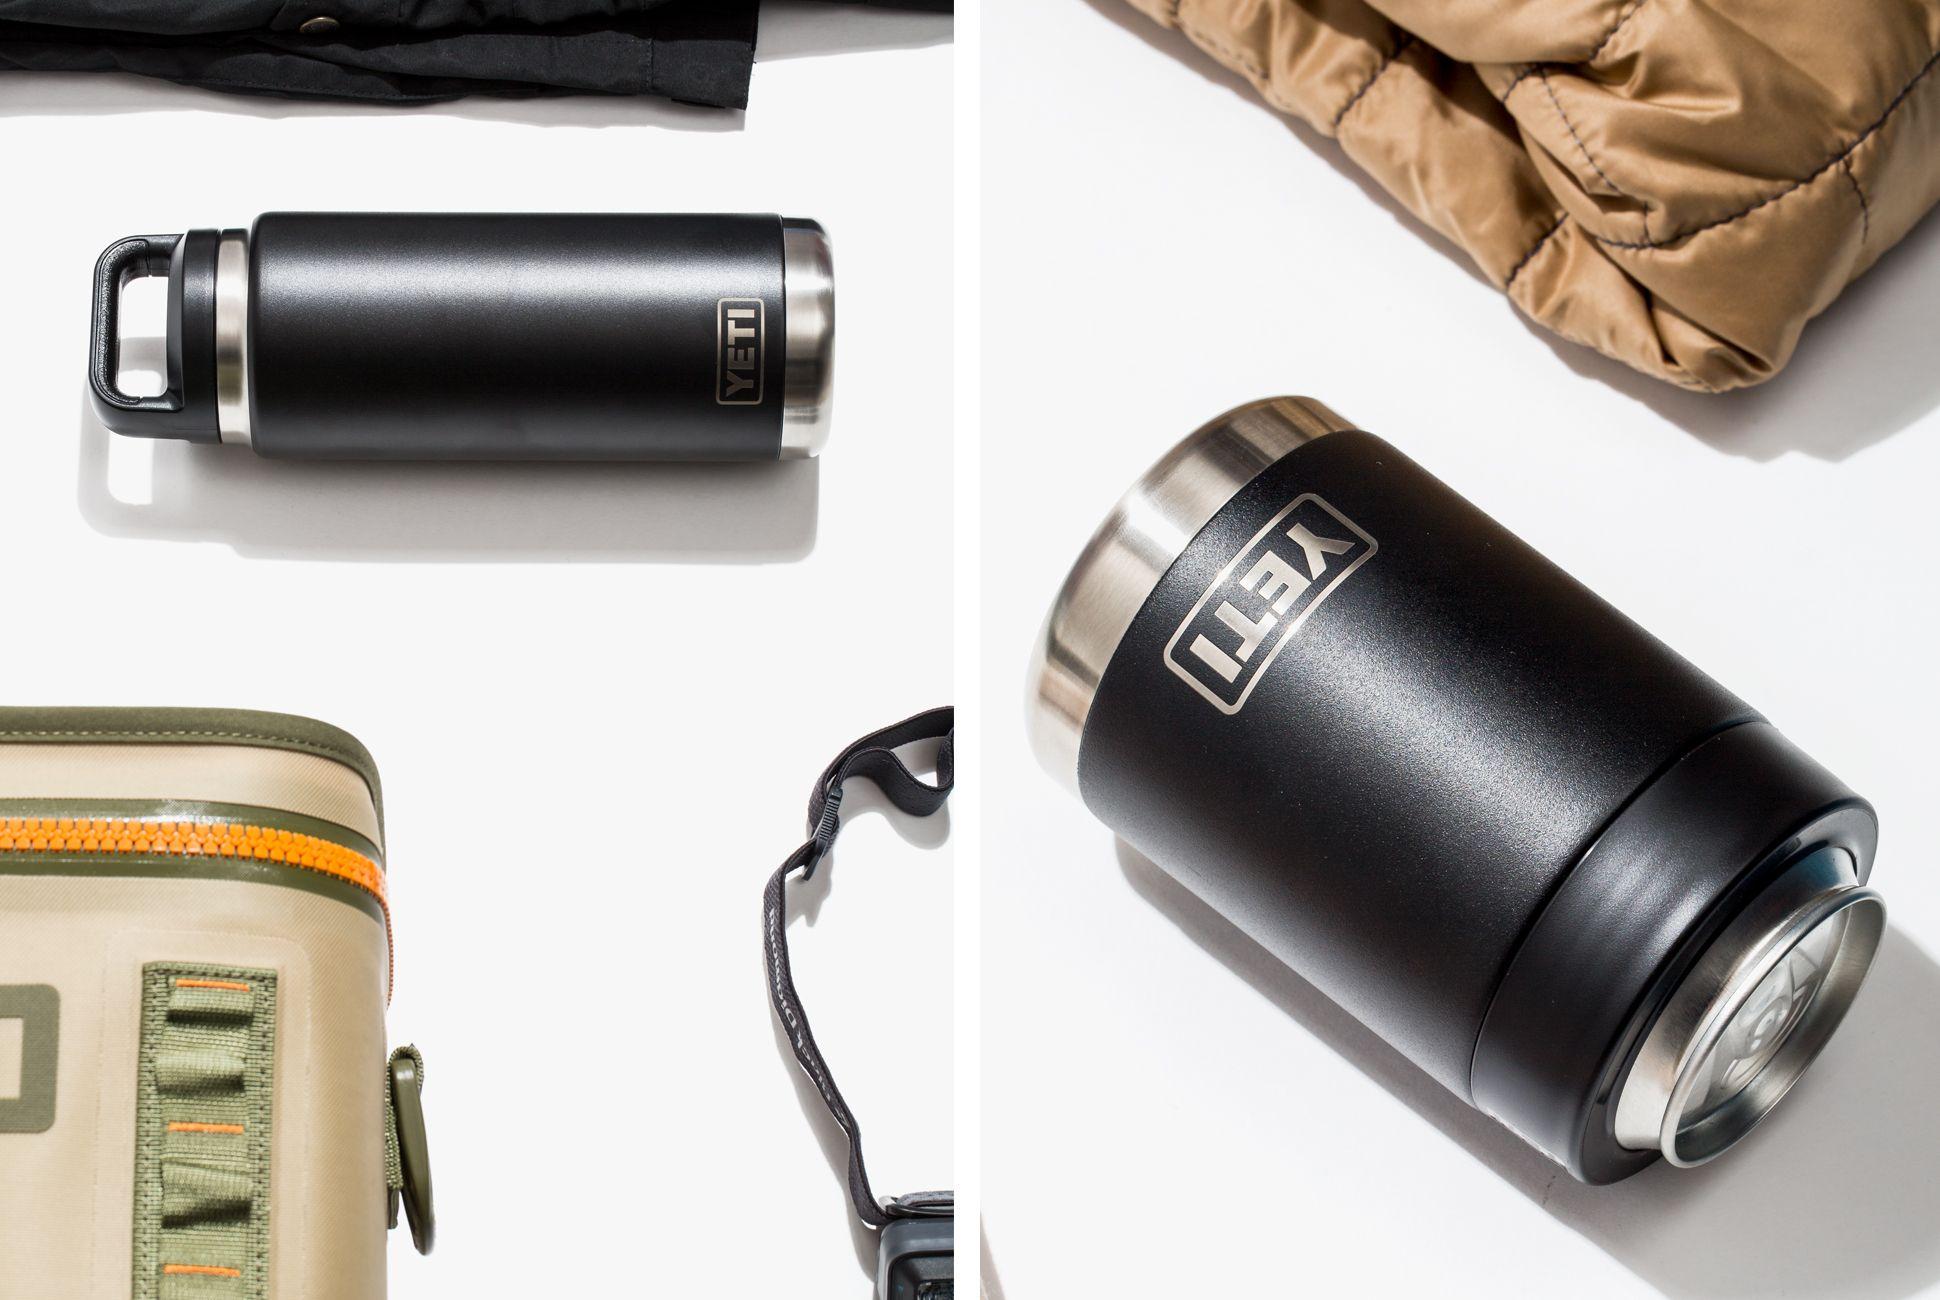 yeti-hiking-gear-patrol-water-02-bottles